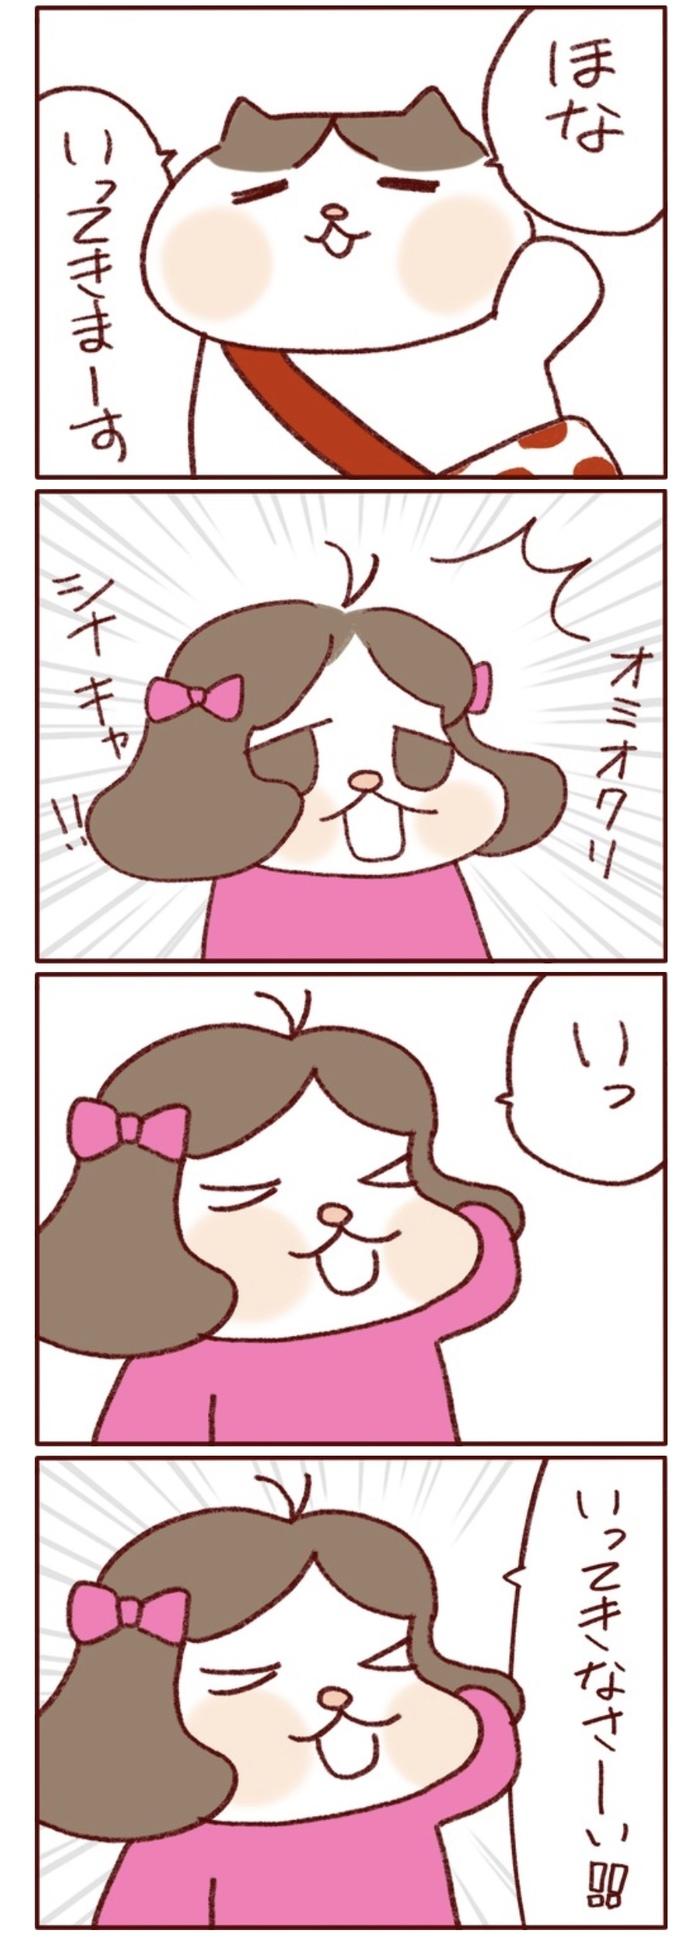 """「おかえりなさい」にどう応える…?日本✕ベルギーな娘の""""会話""""がカワイイ♡の画像3"""